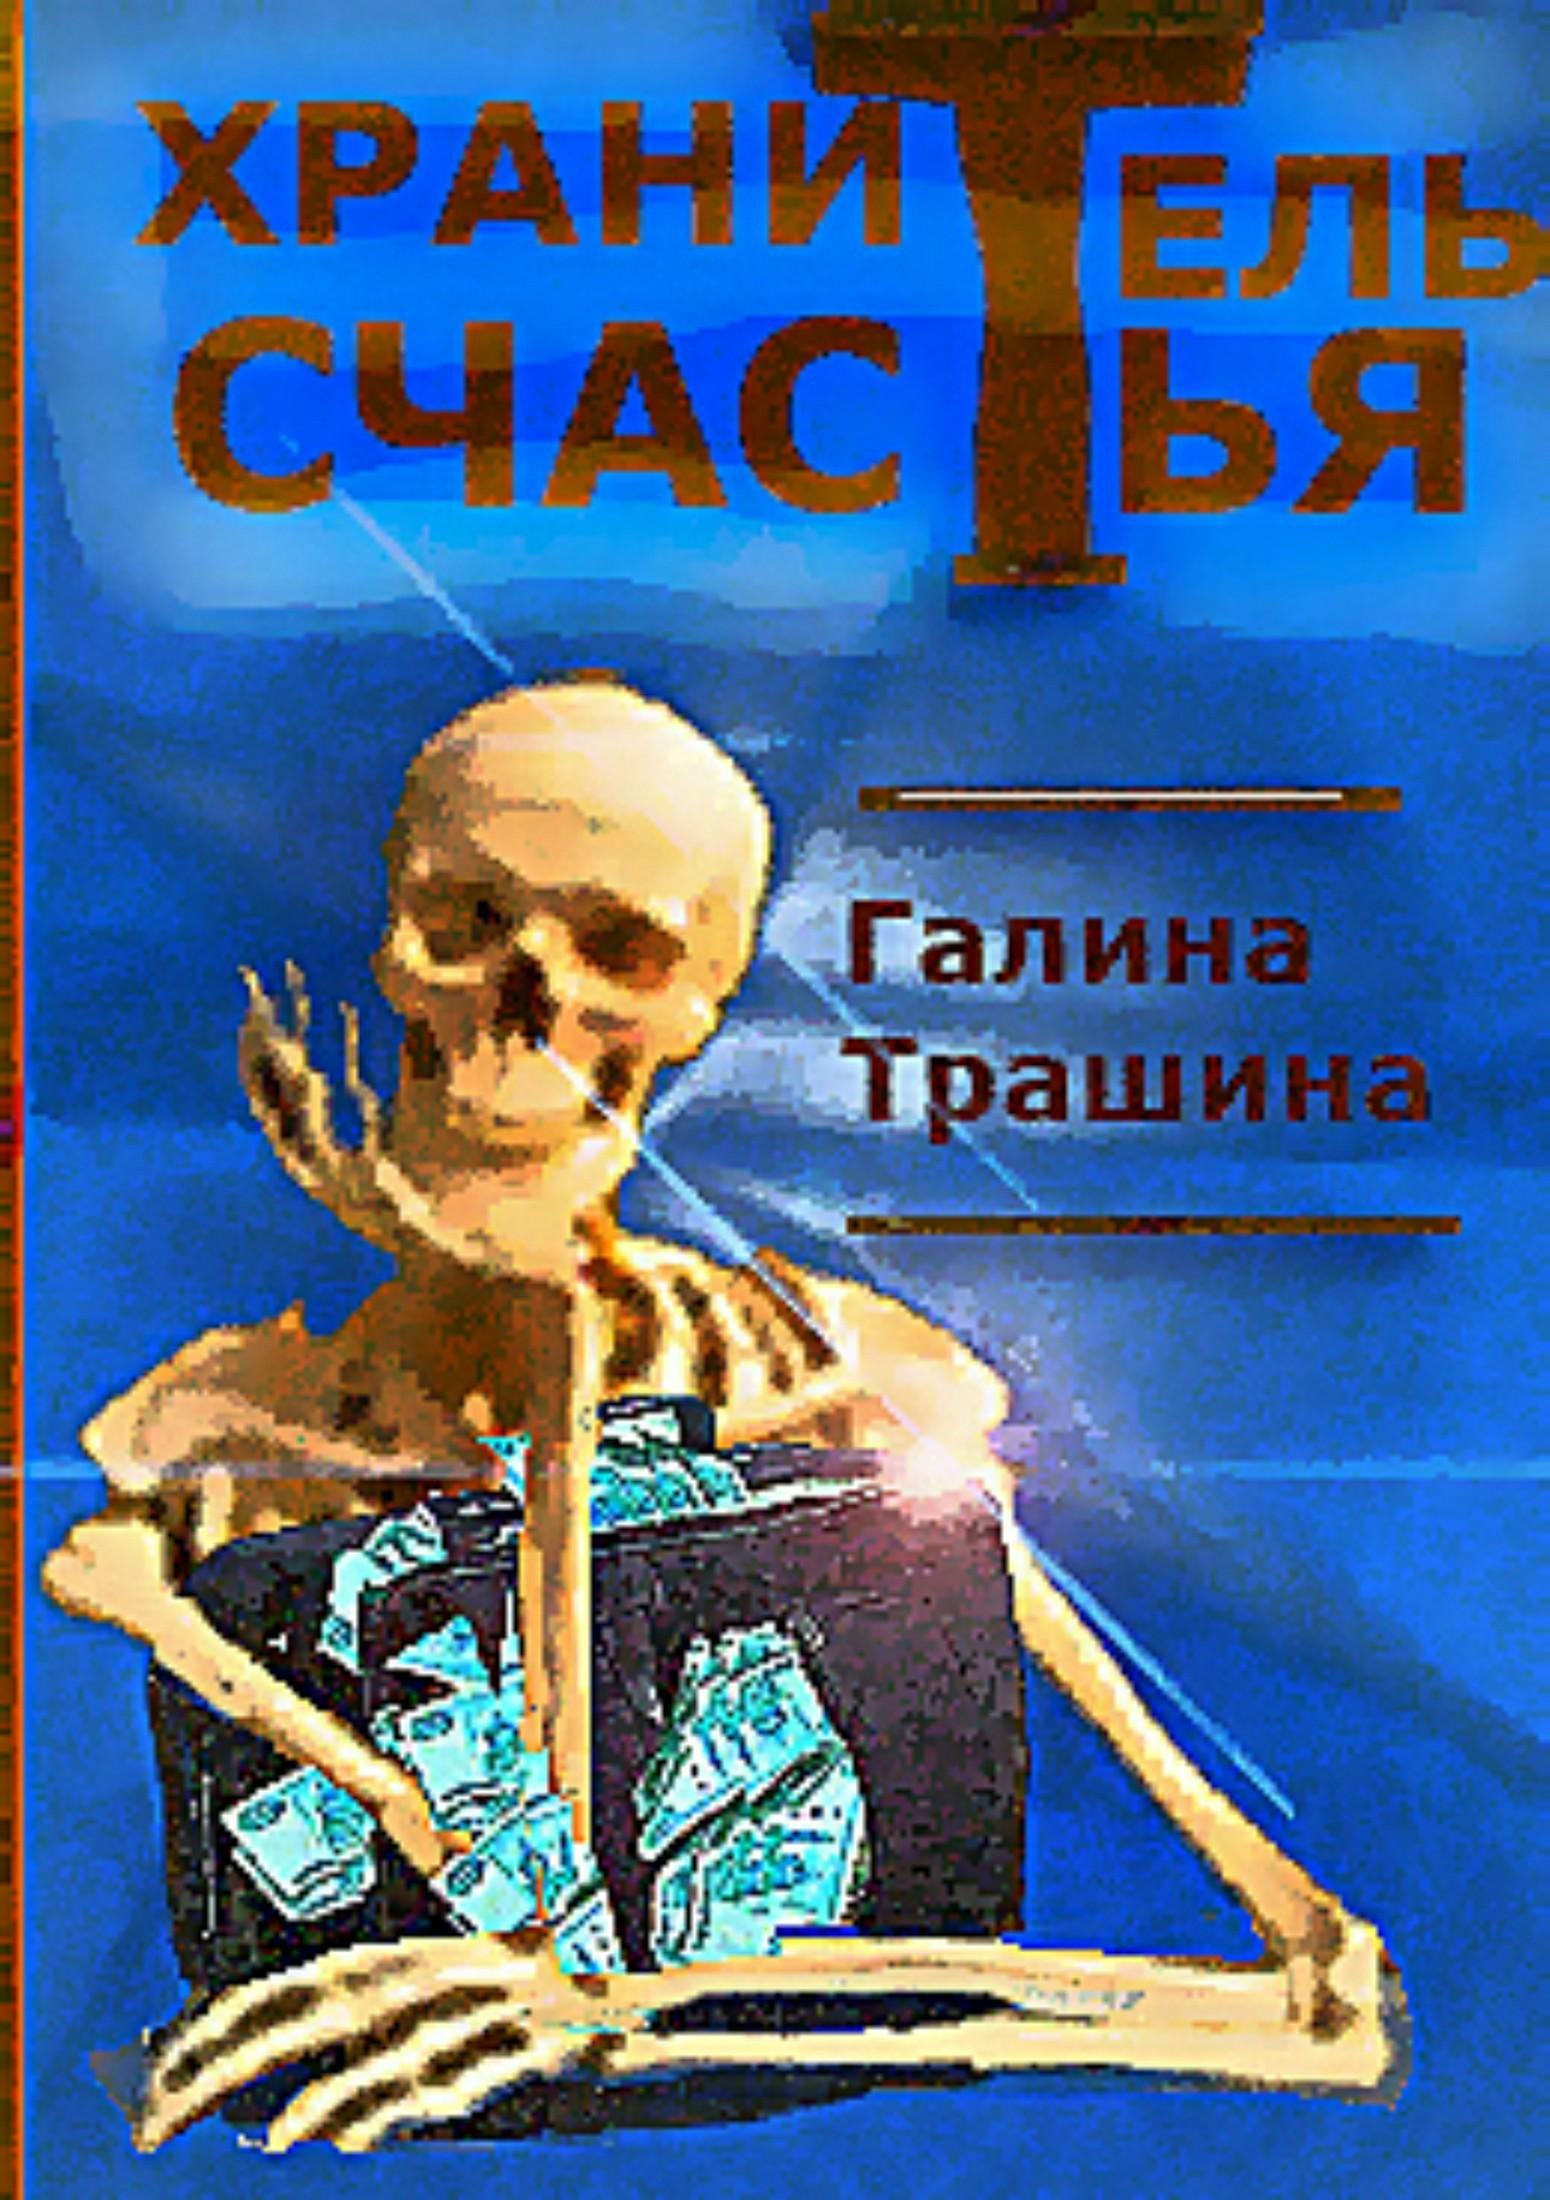 Галина Трашина - Хранитель счастья